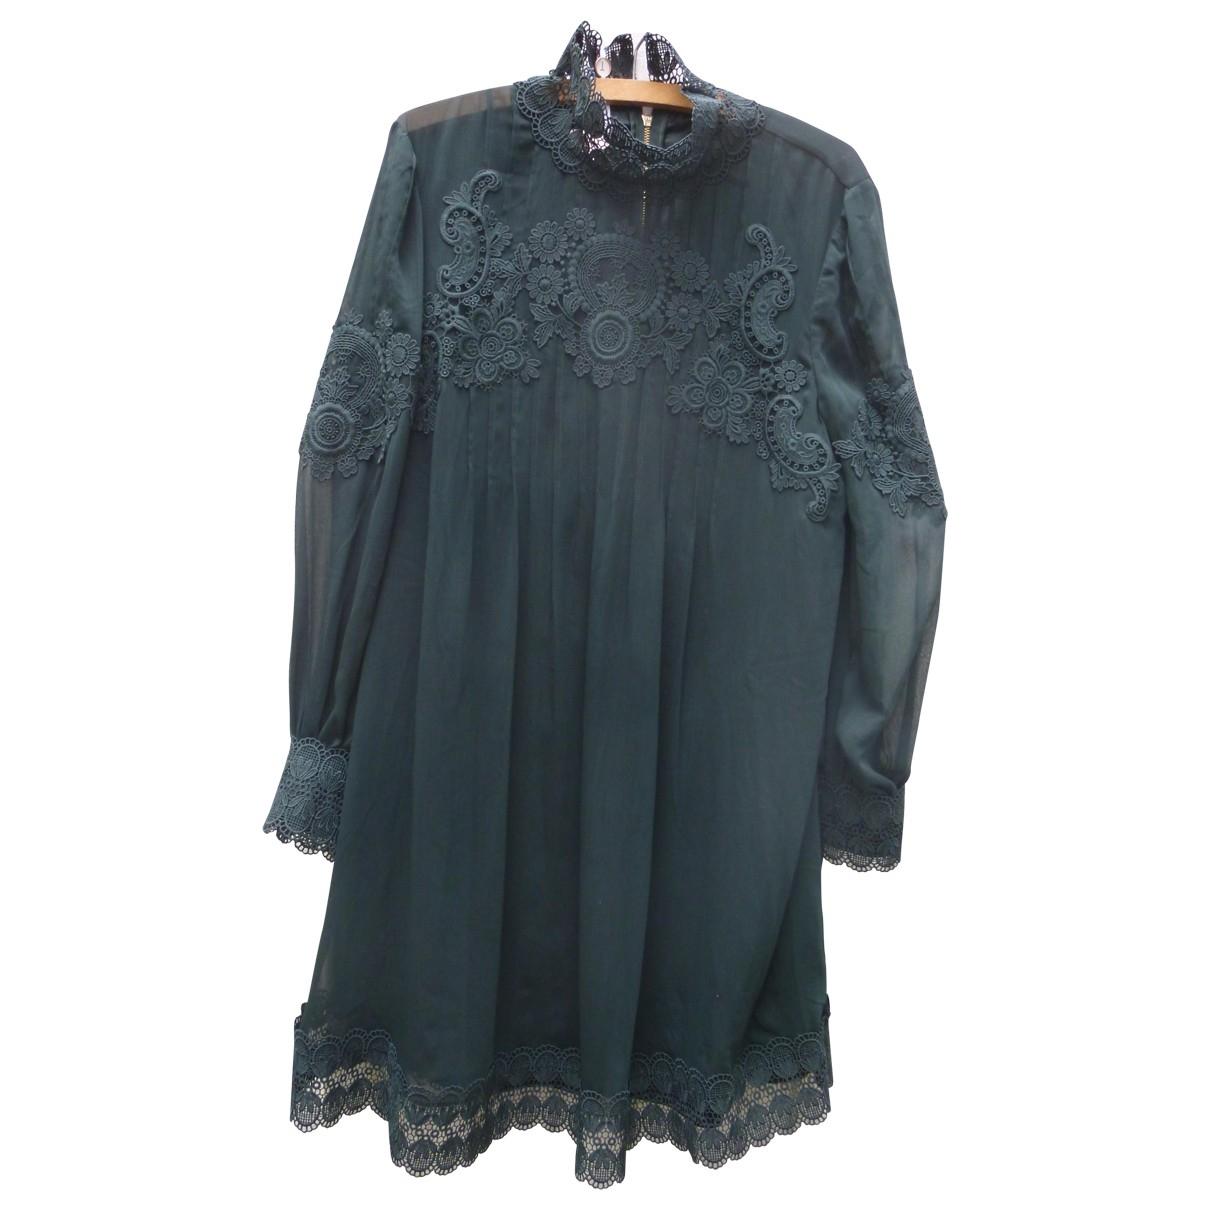 Ted Baker \N Green dress for Women 14 UK